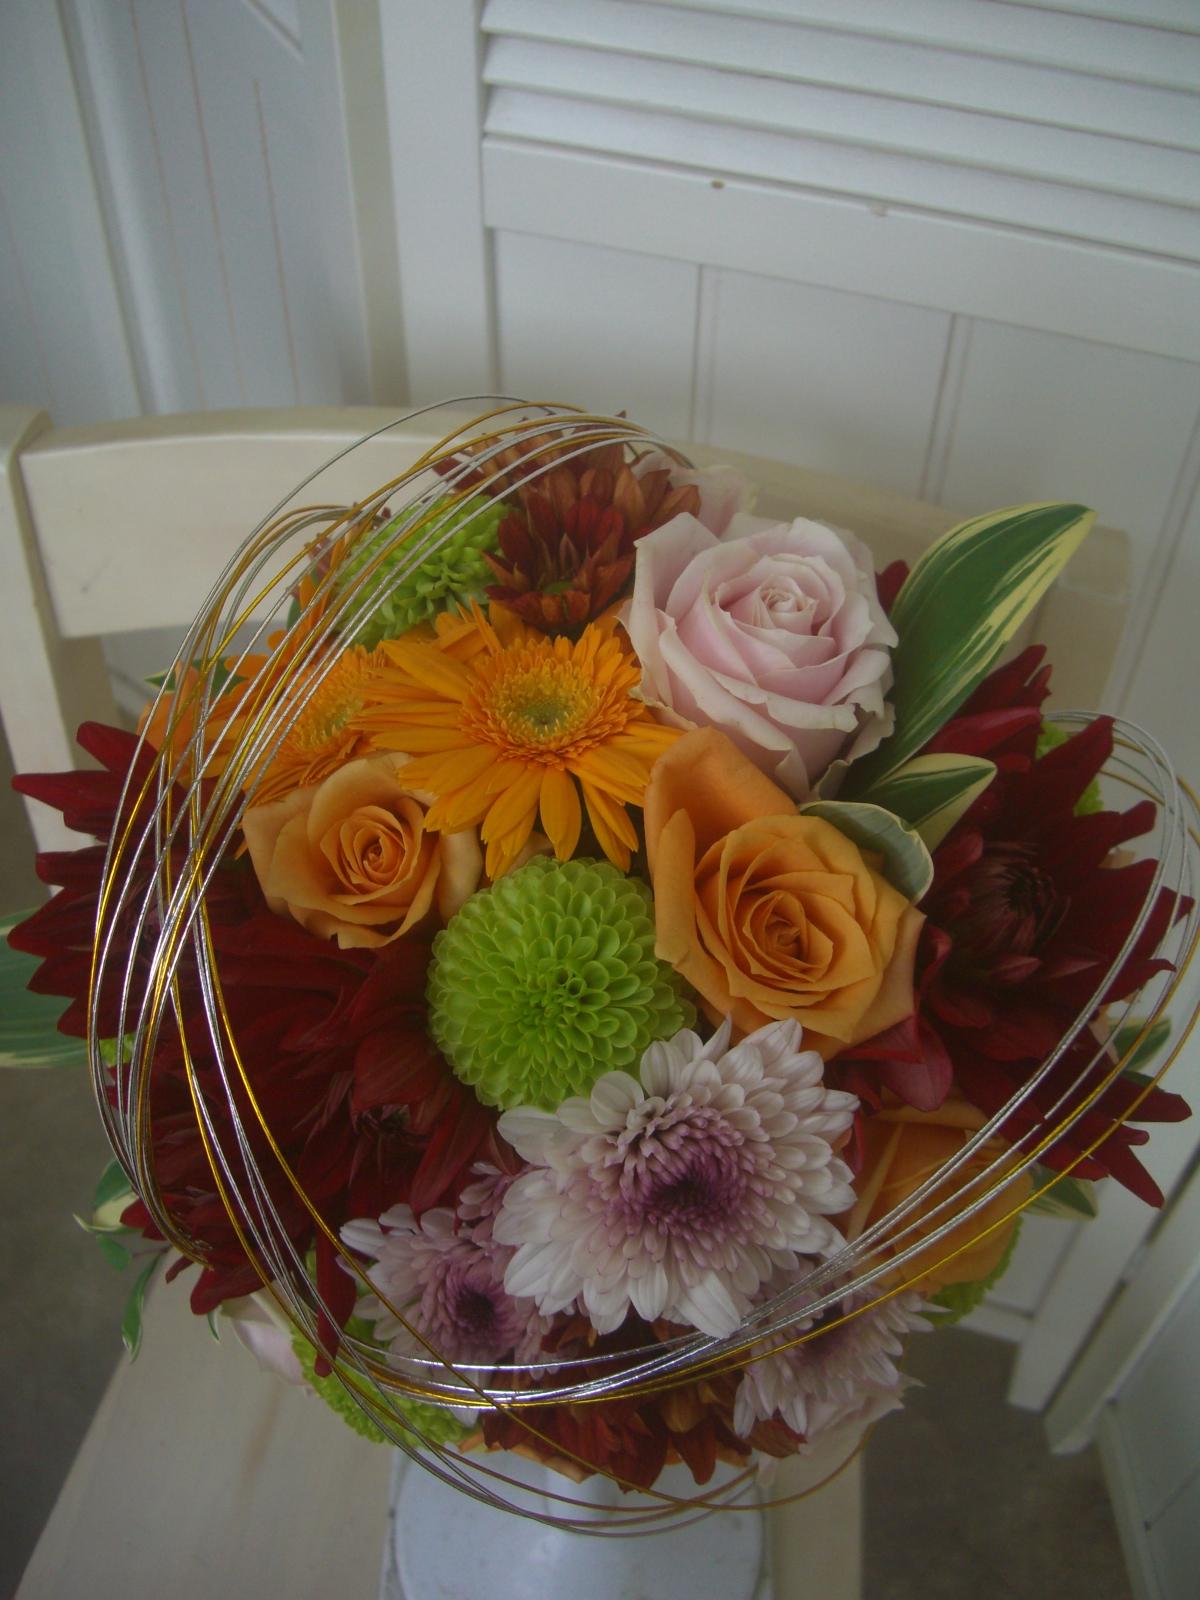 和装でもブーケを持ってより一層華やかに。和装の柄に合わせた配色で作るからピッタリ自分だけのオリジナル。へアパーツと合わせると、より一層和装が引き立ち美しい花嫁に仕上がりますよ。